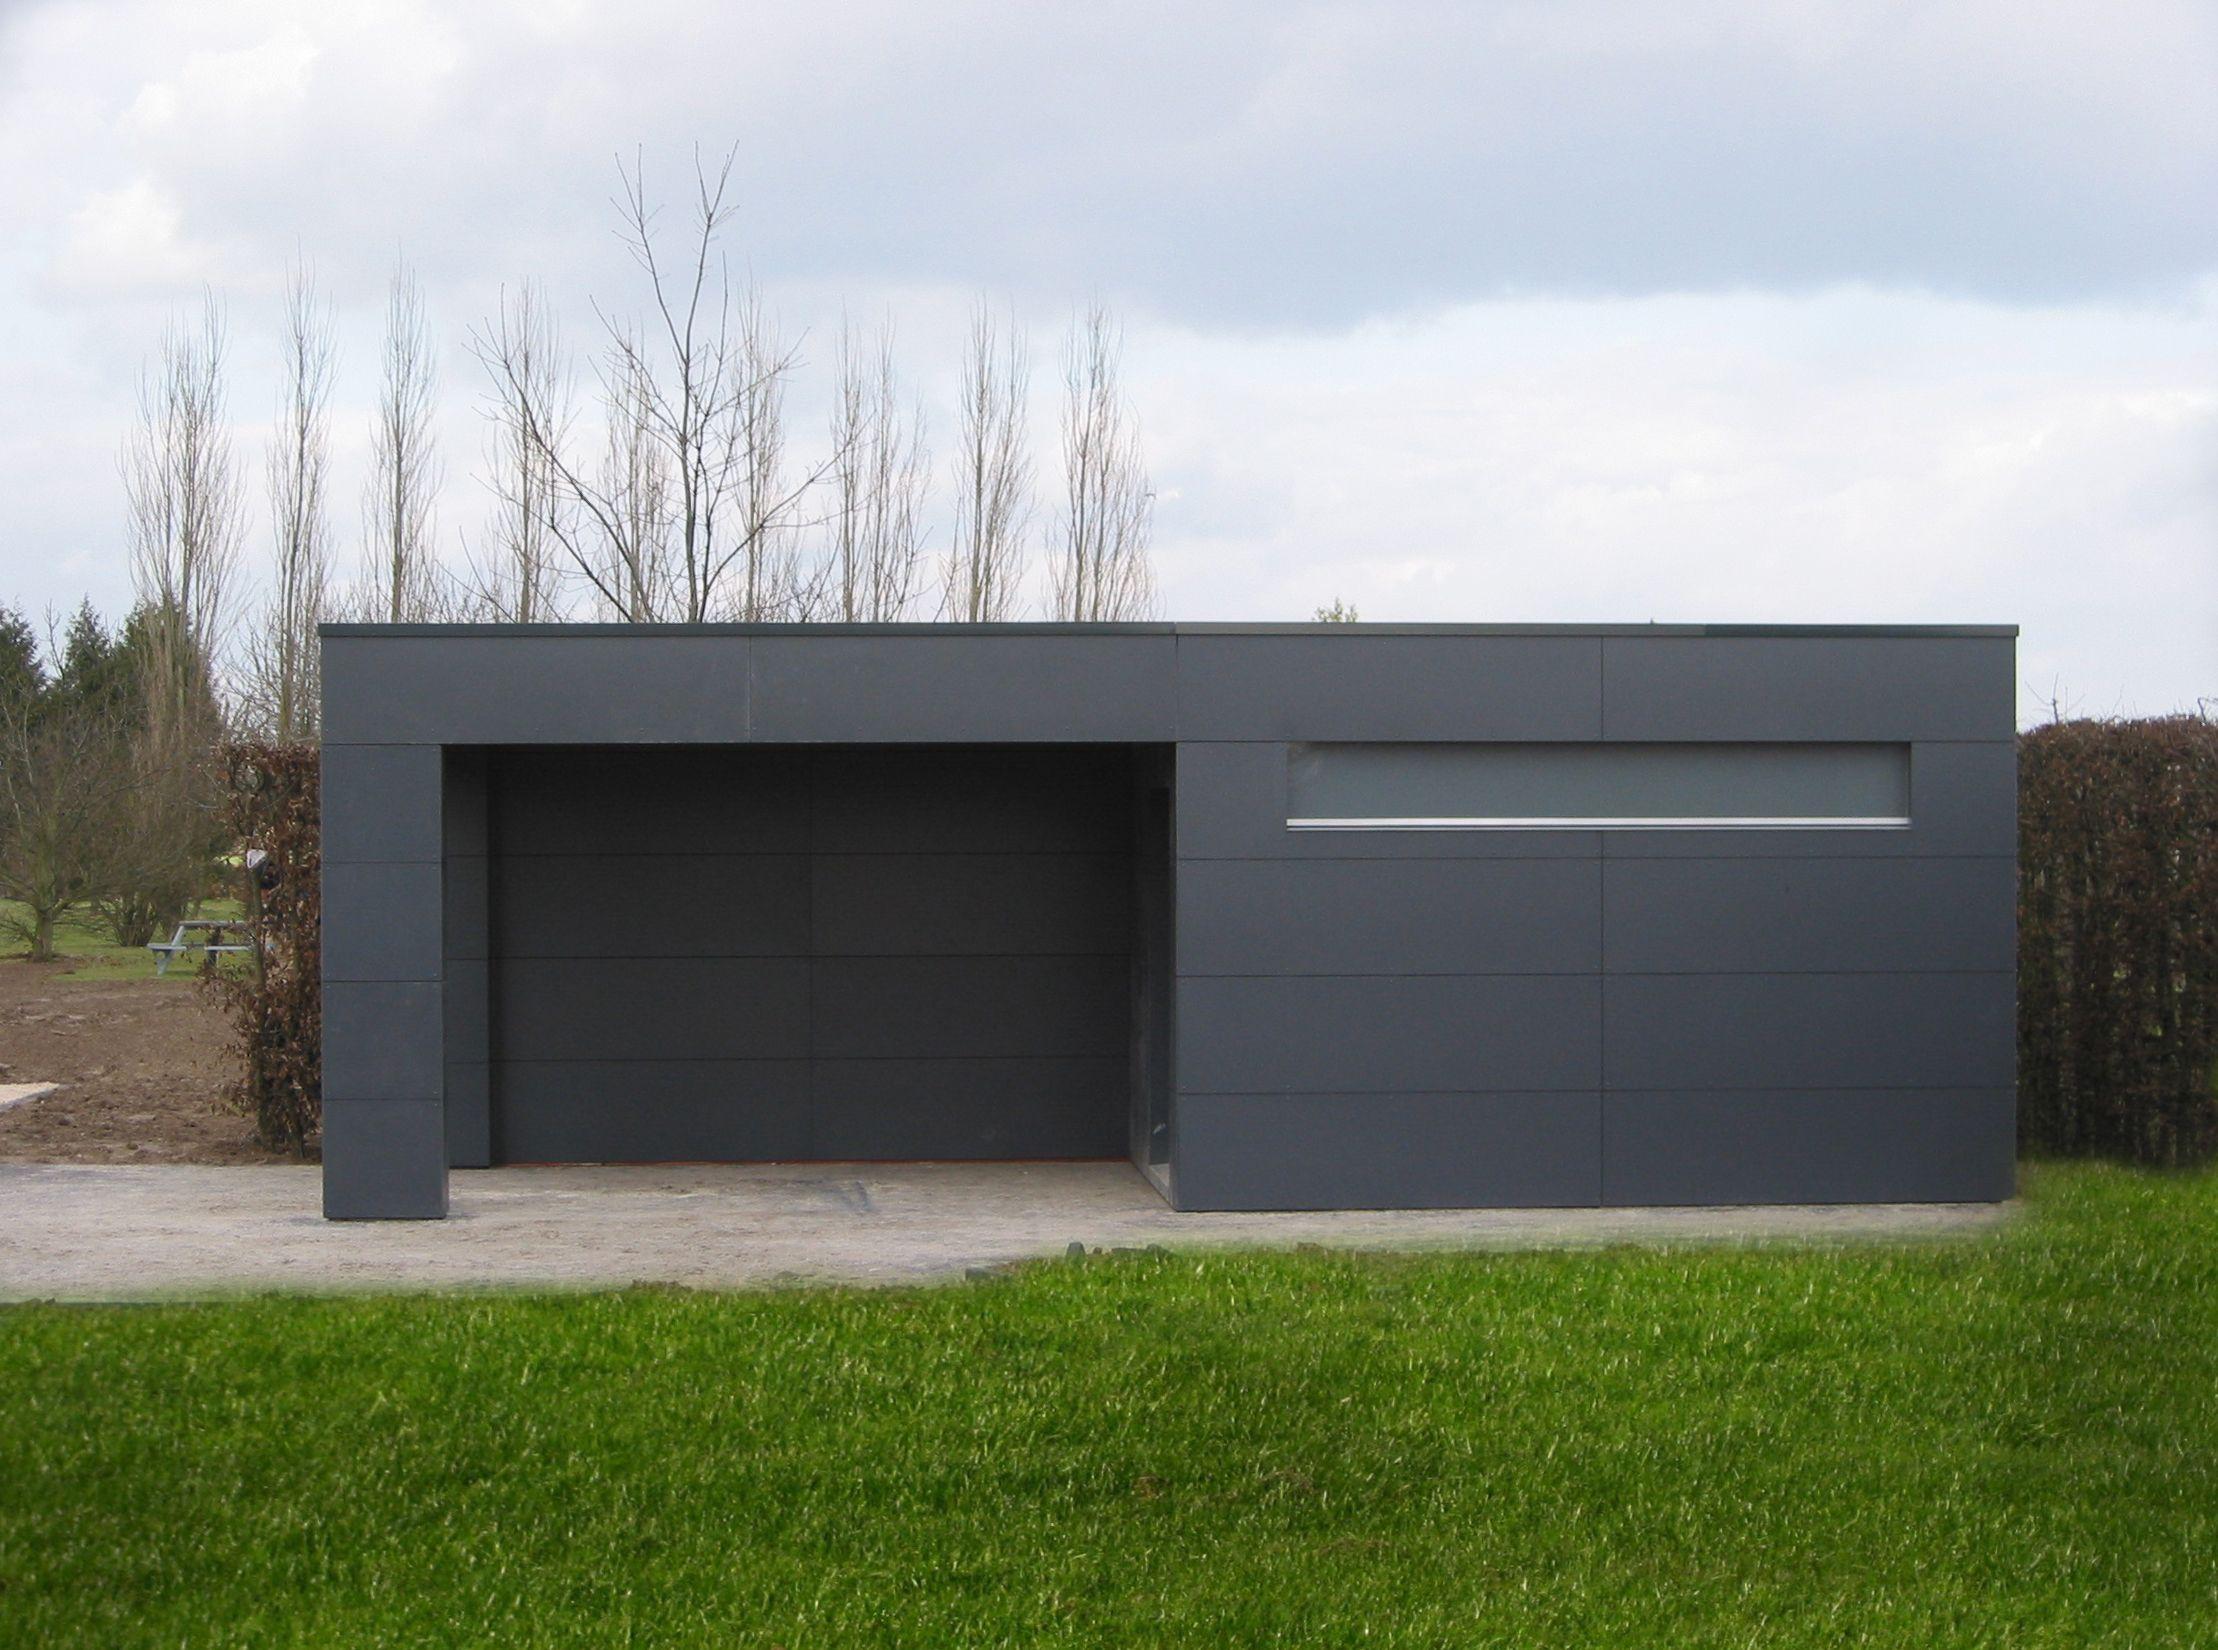 Trespa Tuinhuis Product In Beeld Startpagina Voor Tuin Ideeen Tuinhuis Garage Ontwerp Huis En Tuin